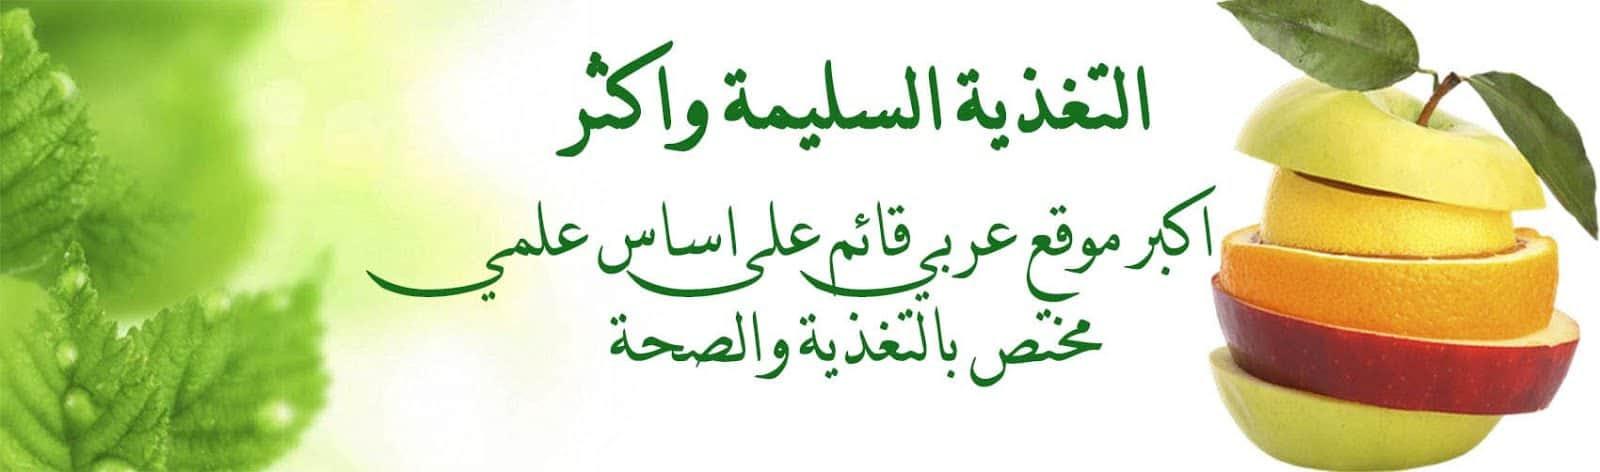 التغذية السليمة واكثر - اكبر موقع عربي قائم على اساس علمي مختص بالتغذية والصحة